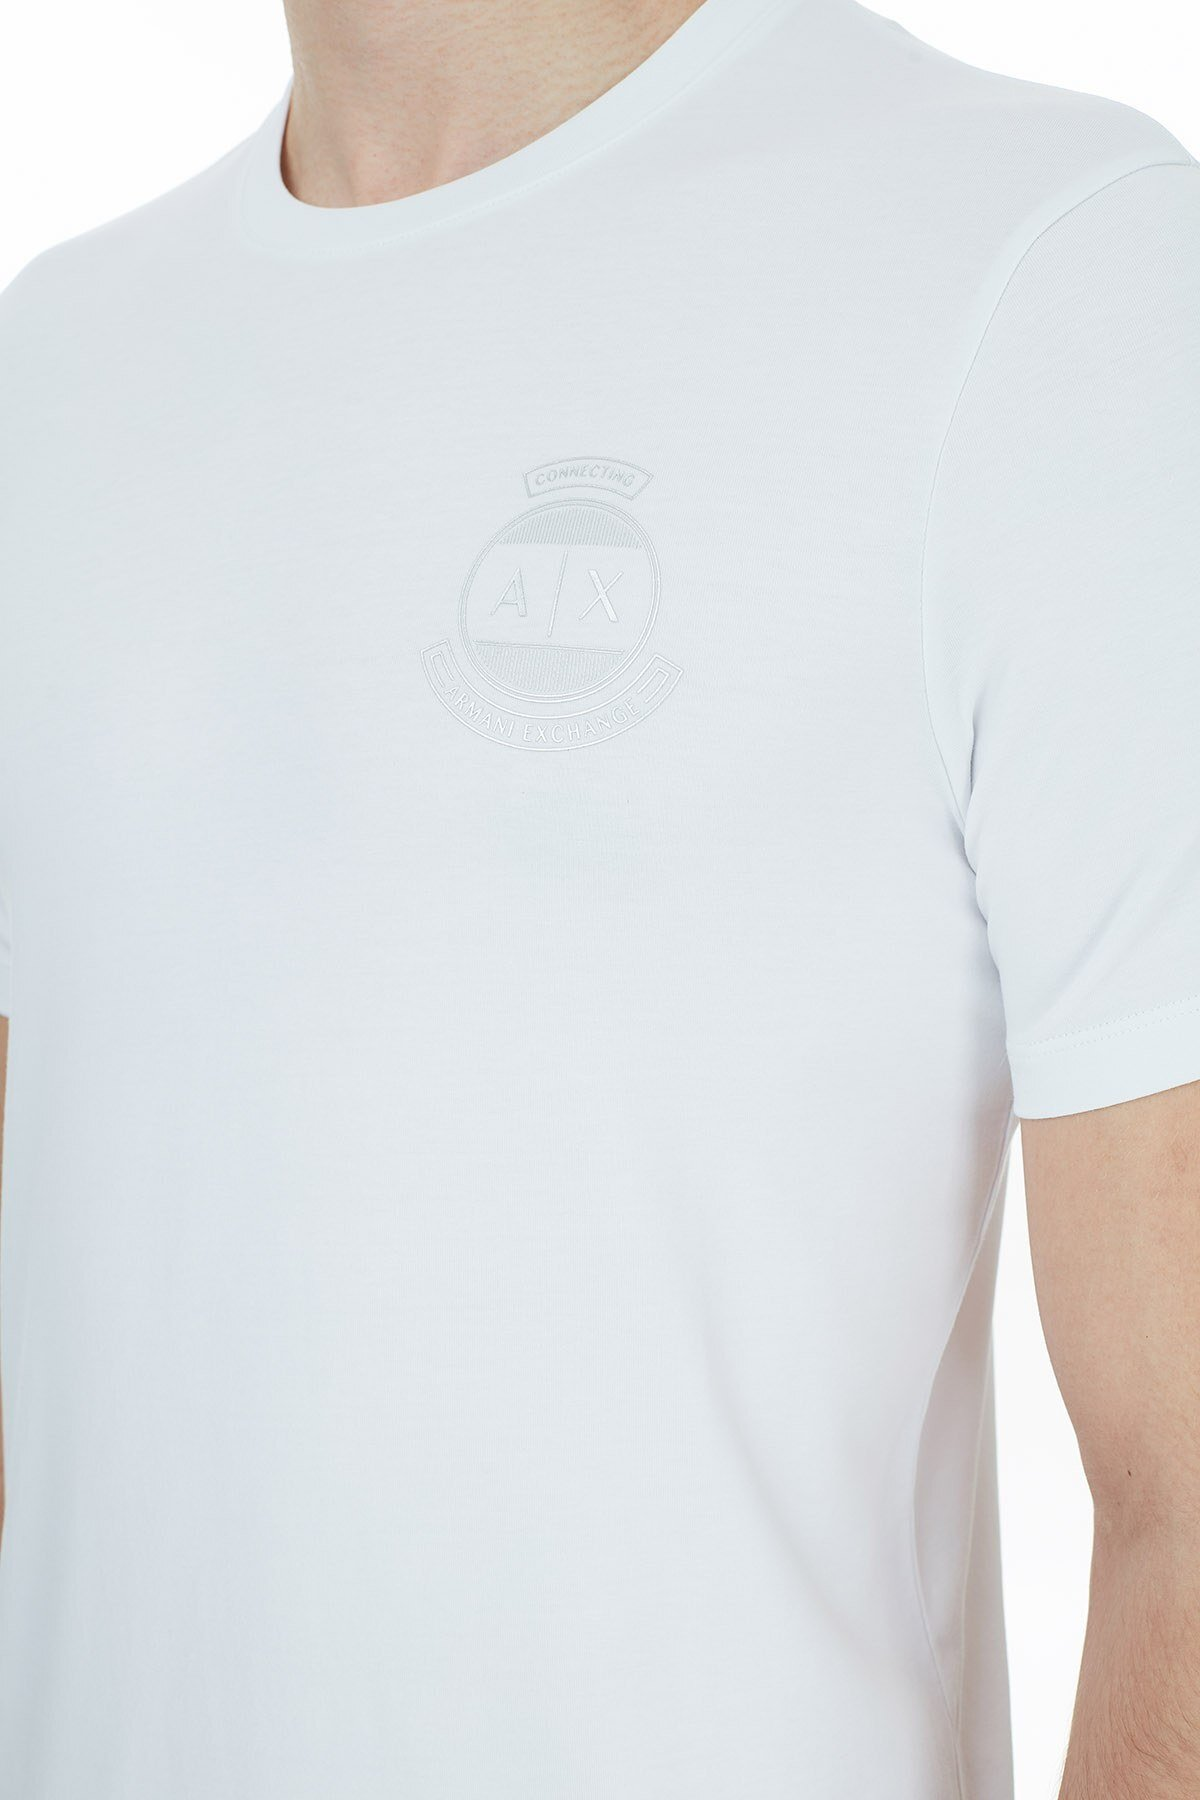 Armani Exchange Pamuklu Bisiklet Yaka Erkek T Shirt 6HZTFL ZJE6Z 1100 BEYAZ